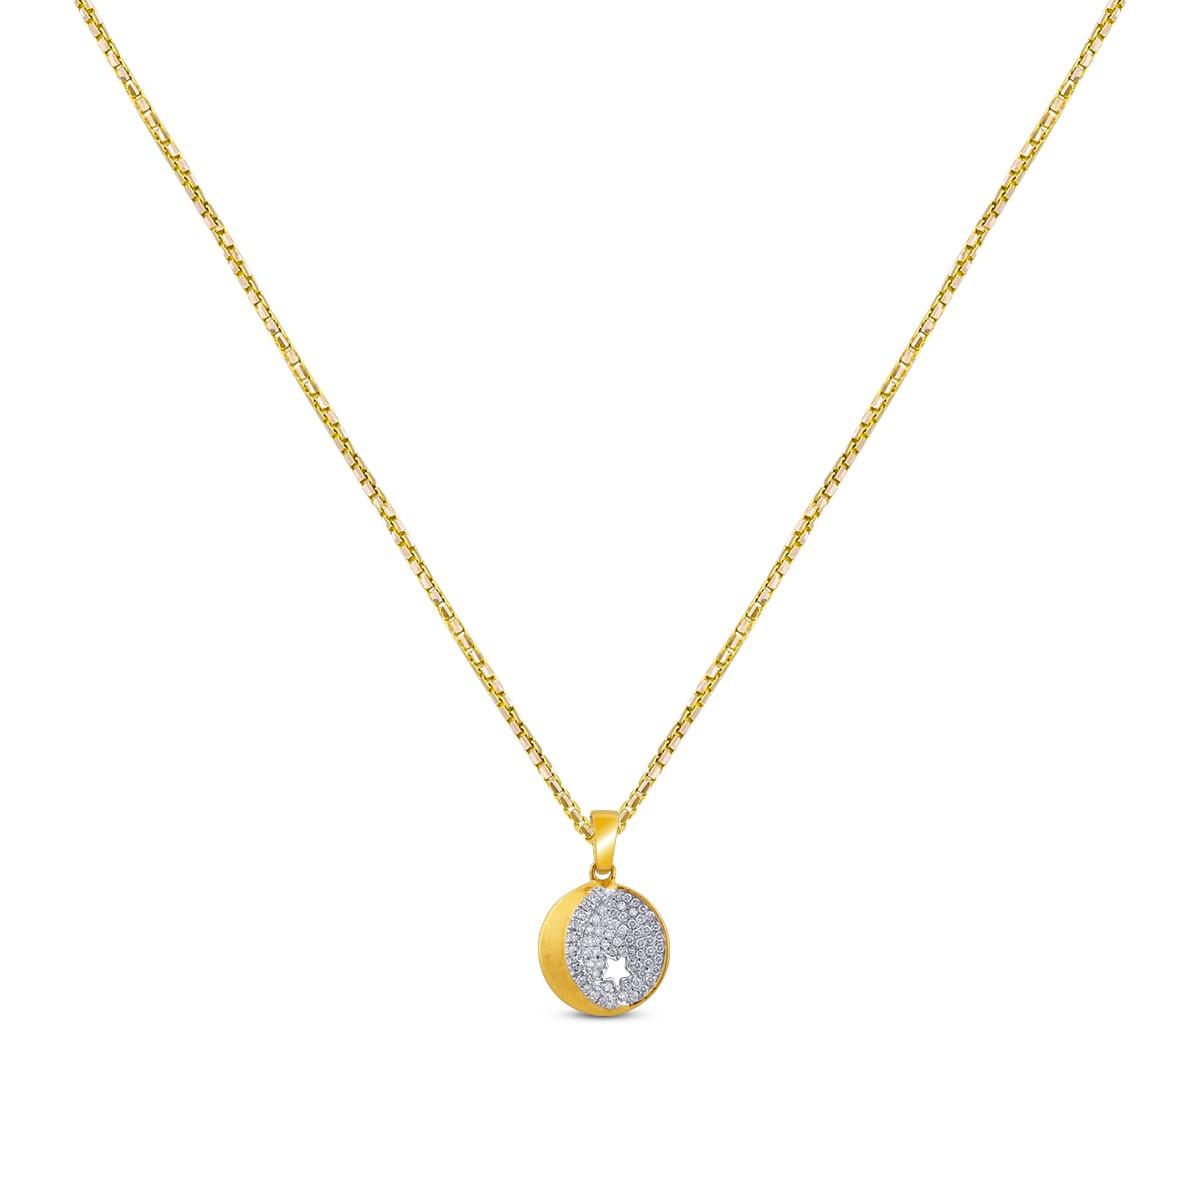 Rheya Diamond Pendant with Chain